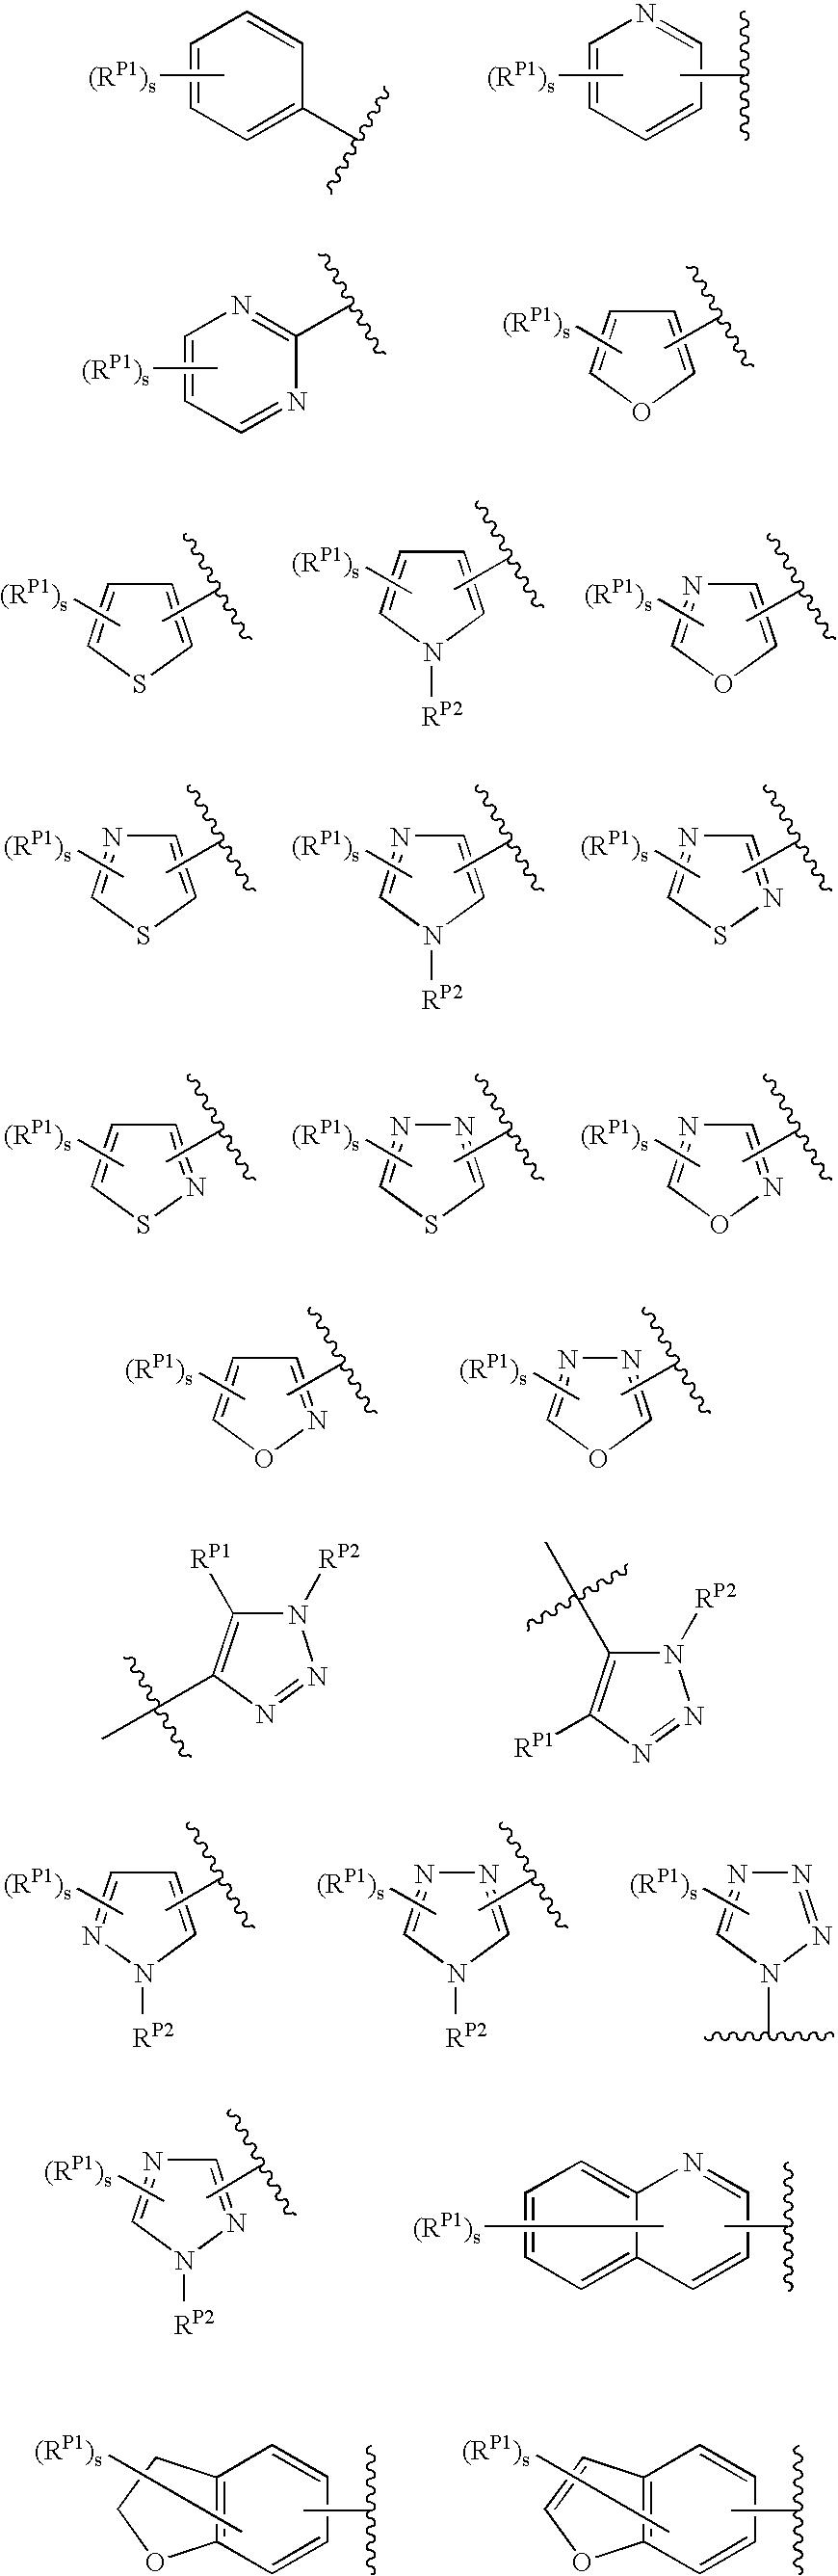 Figure US07790743-20100907-C00035